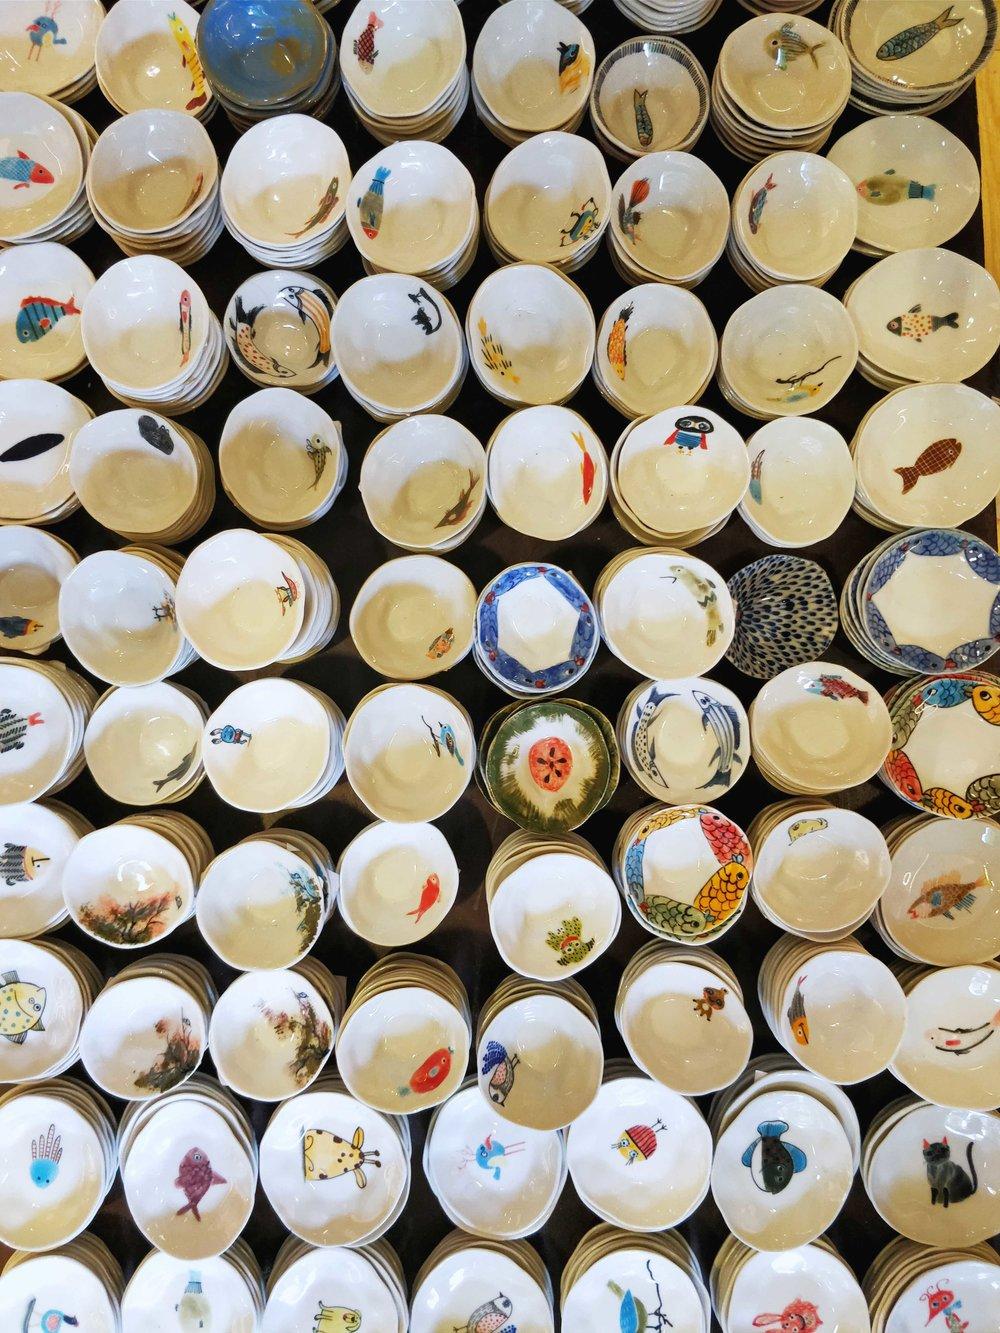 Cerender Ceramics, Hoan Kiem Lake